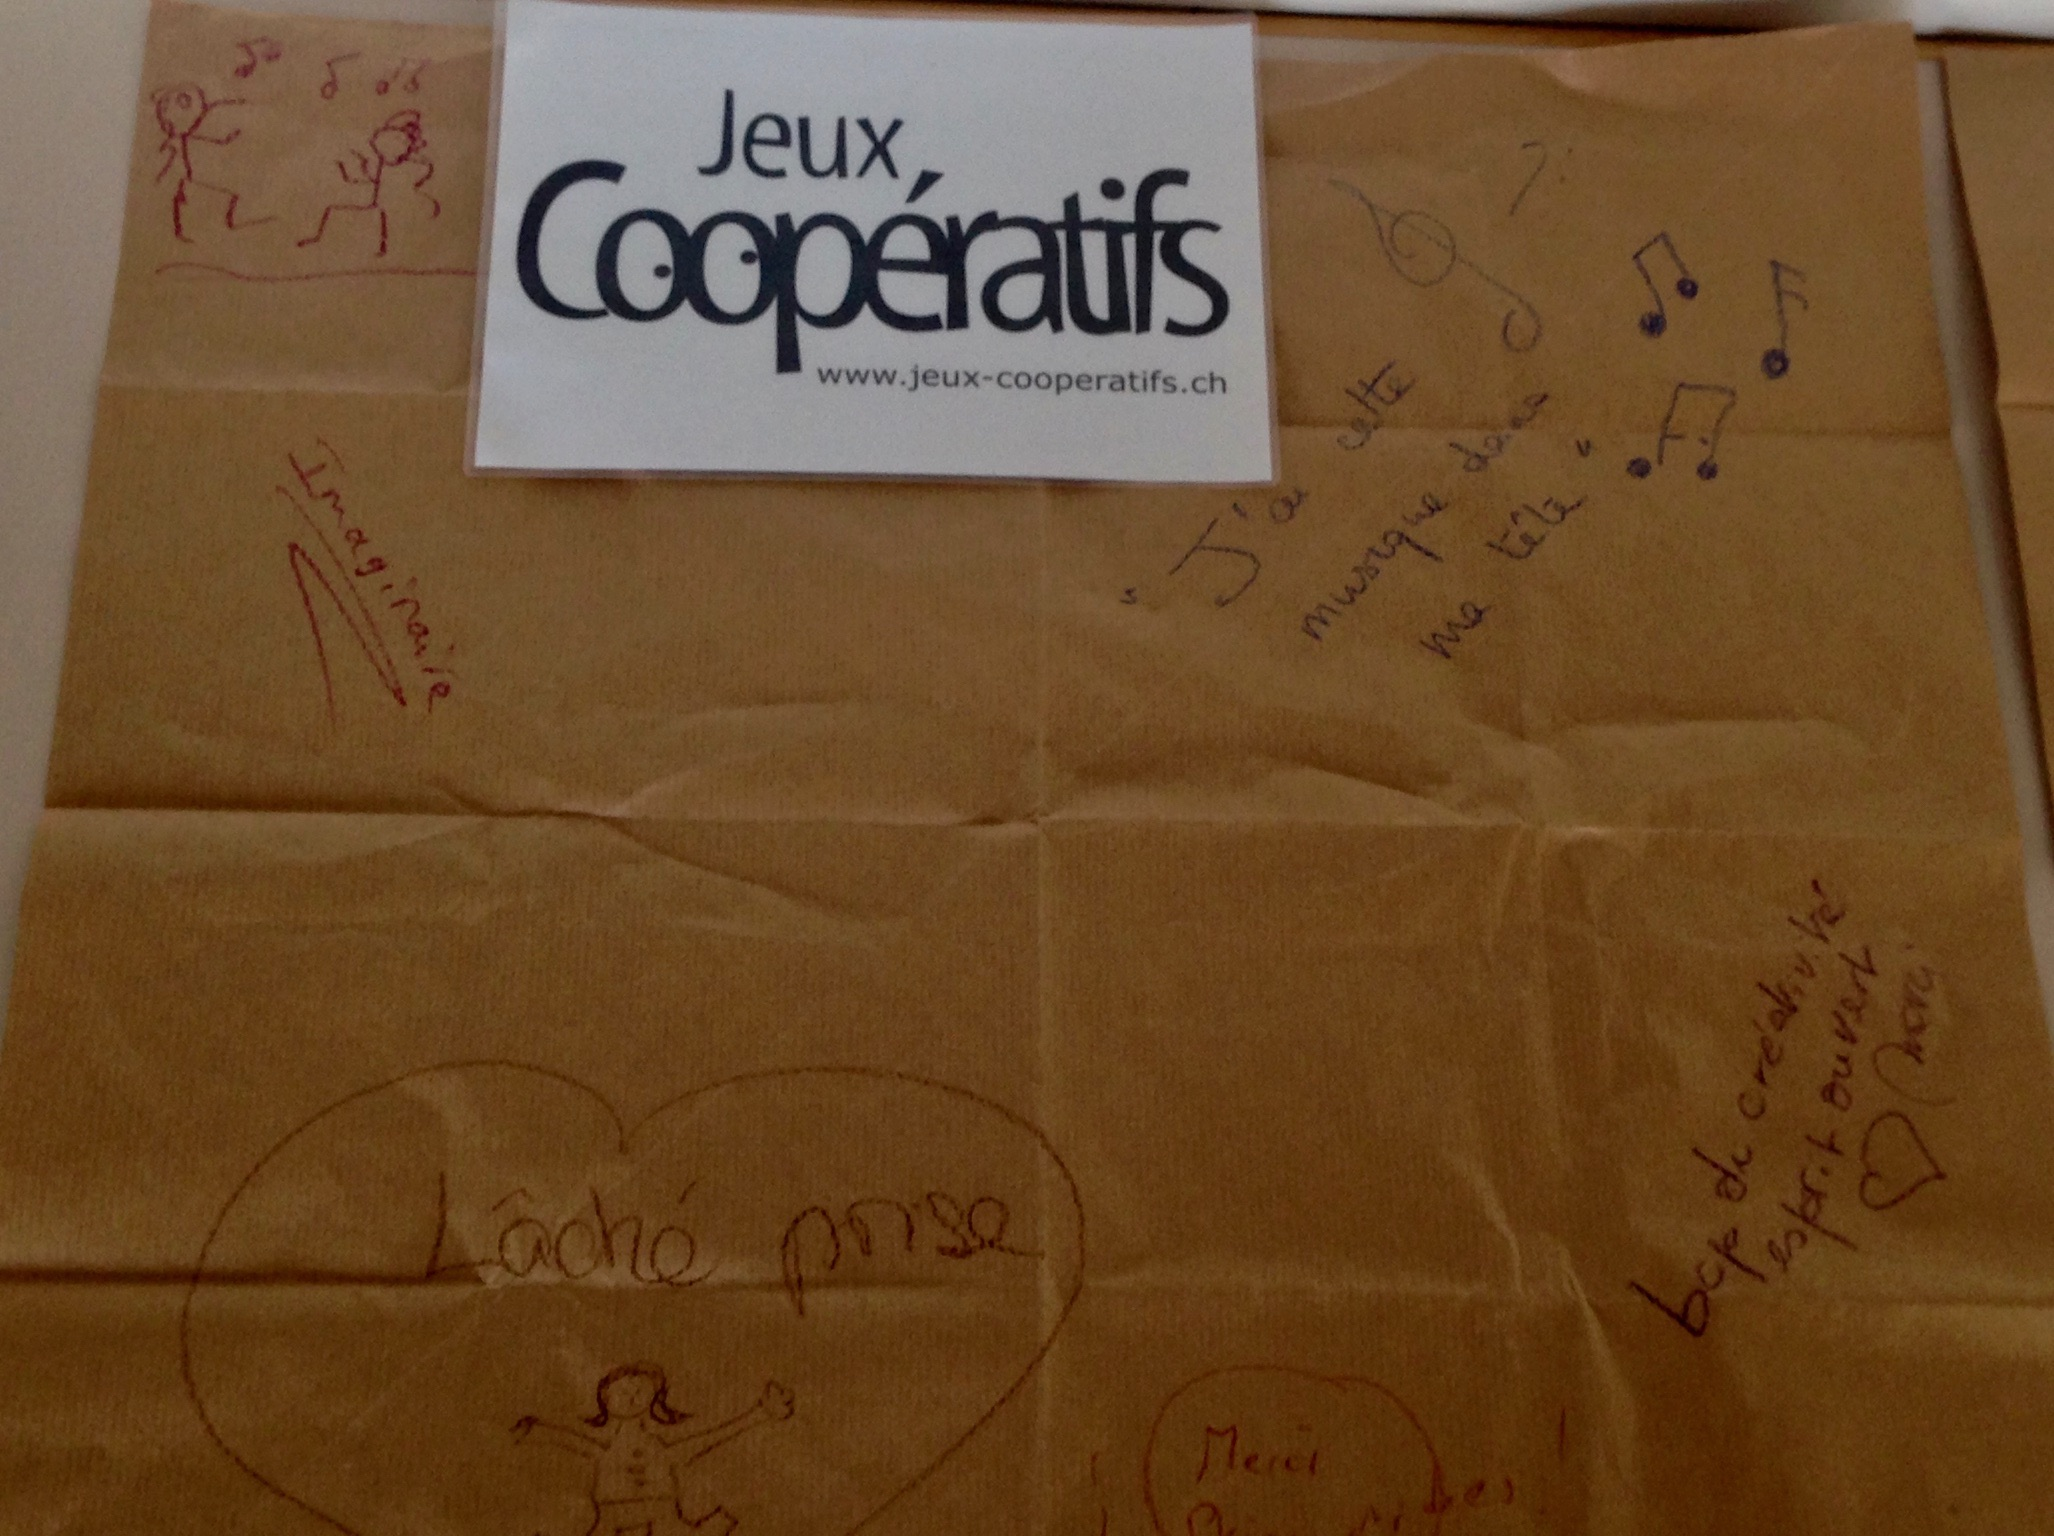 Retours des participants à nos formations Jeux Coopératifs